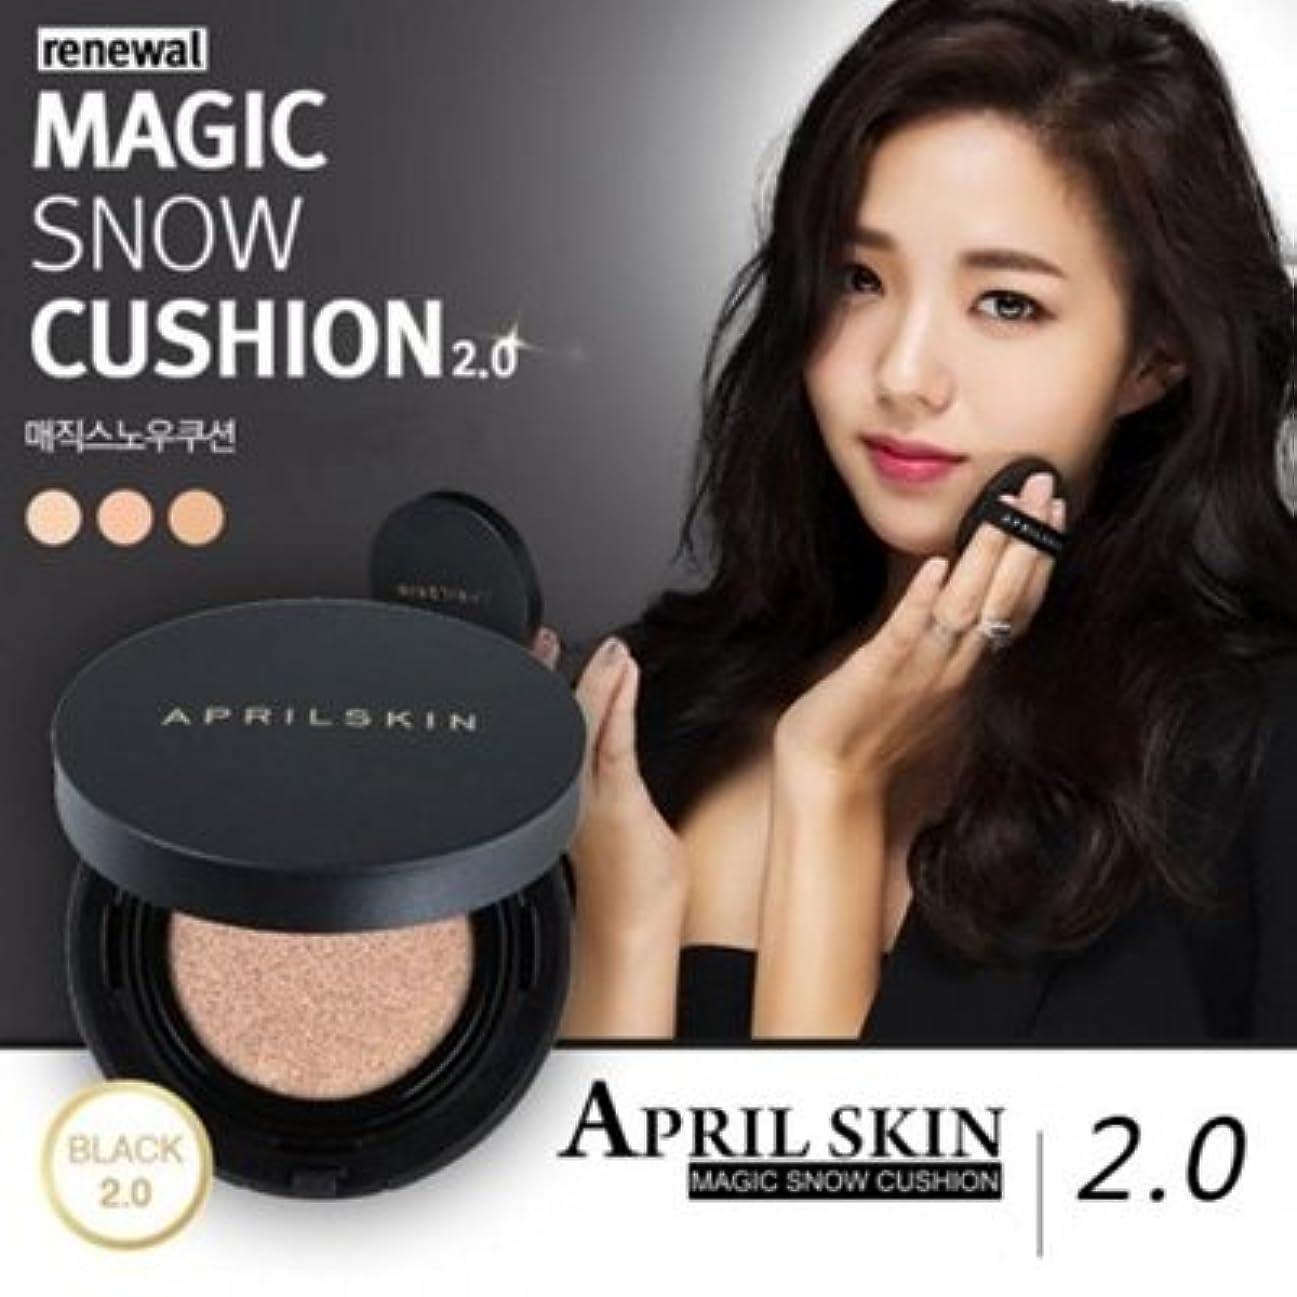 抵当火山の任意[April Skin]韓国クッション部門1位!NEW!!★Magic Snow Cushion Black 2.0★/w Gift Sample (#22 Pink Beige) [並行輸入品]